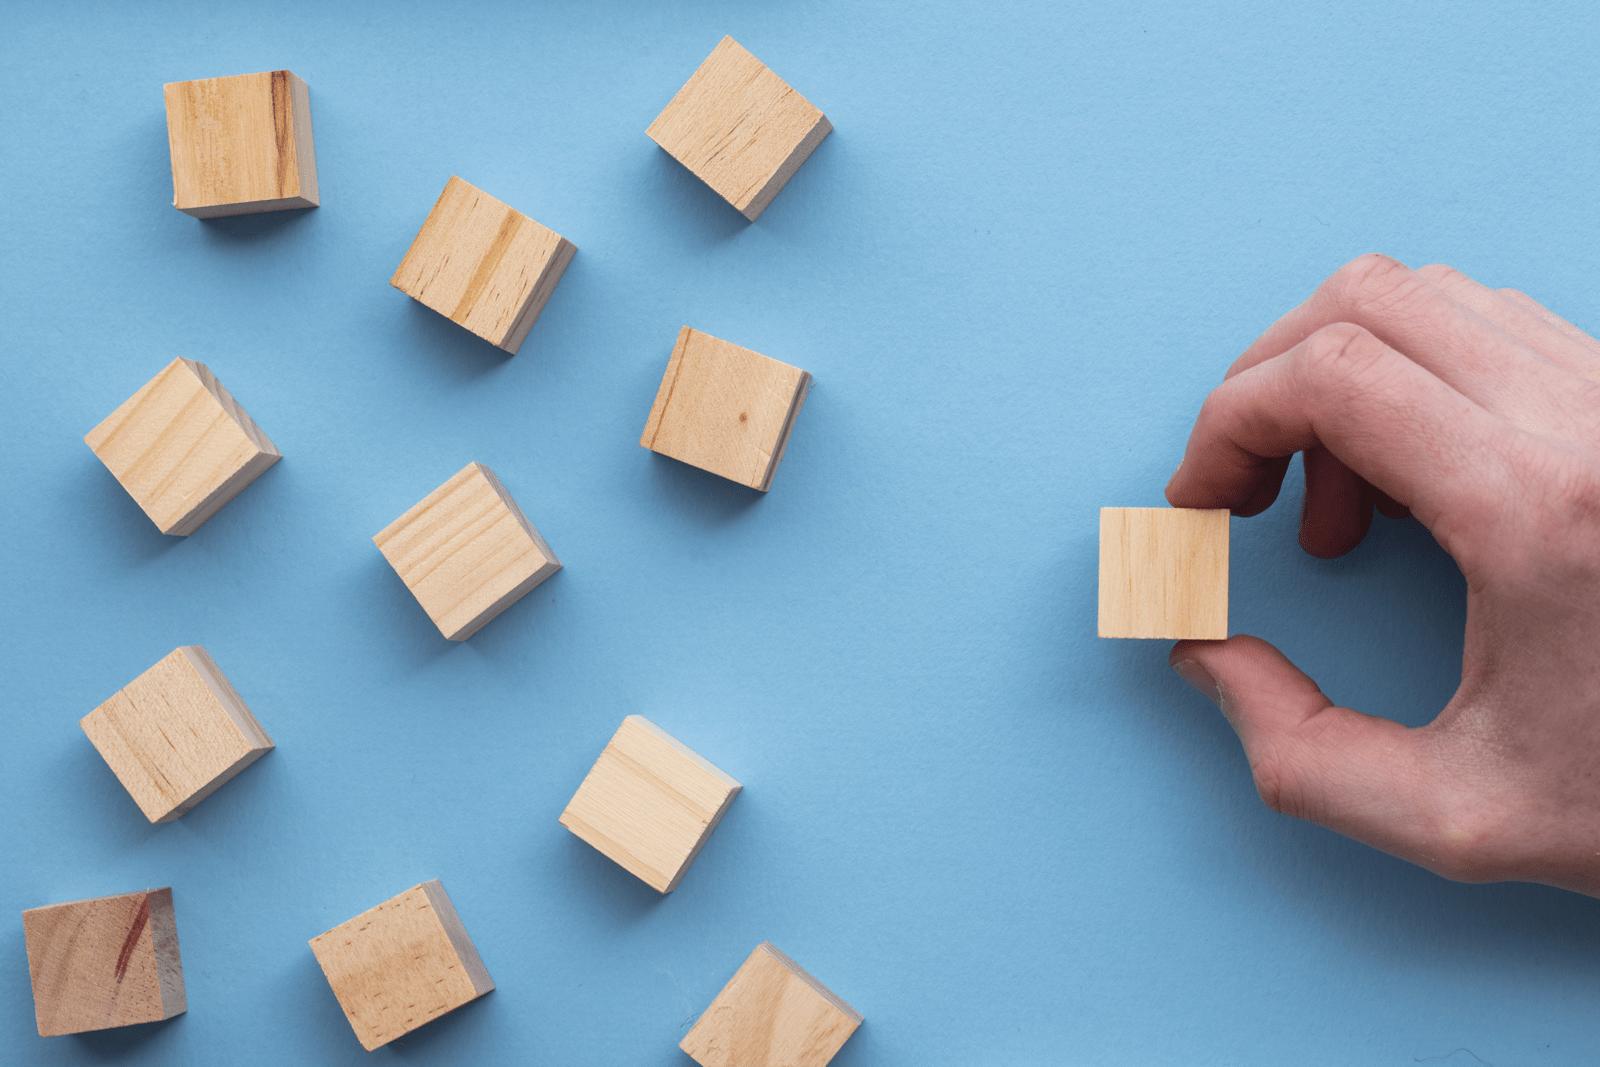 複数のブロックの中から1つを選ぶ